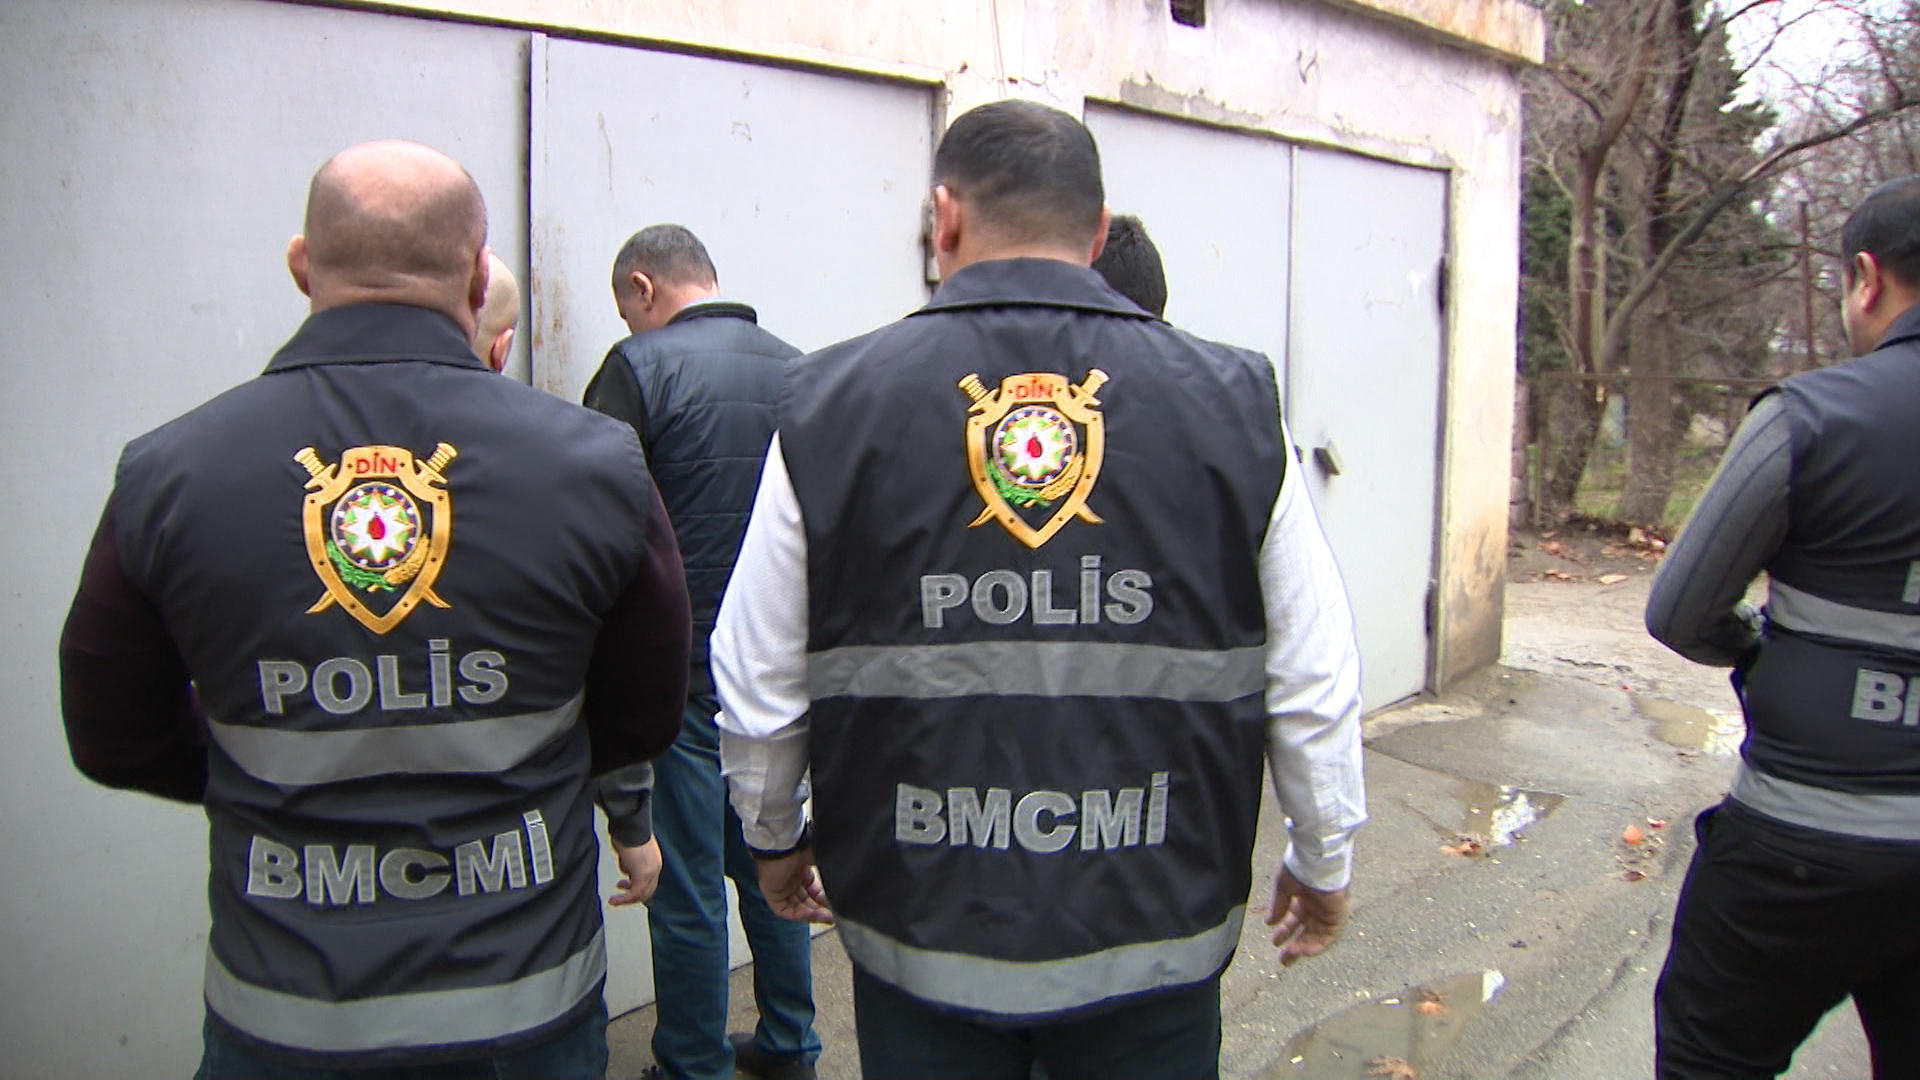 Bakıda saxta spirtli içkilər hazırlayıb satan dəstə üzvləri saxlanılıblar (FOTO/VİDEO)